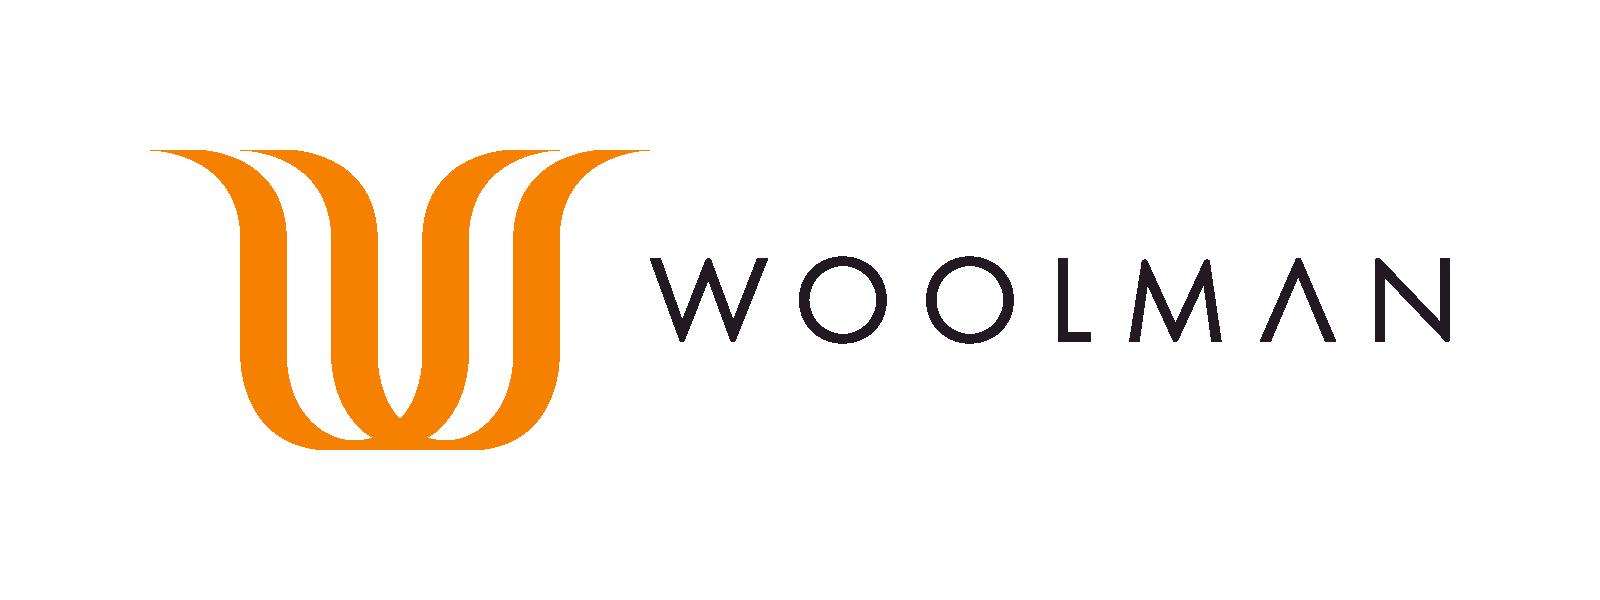 Woolman-logo-horizontal-orange-black